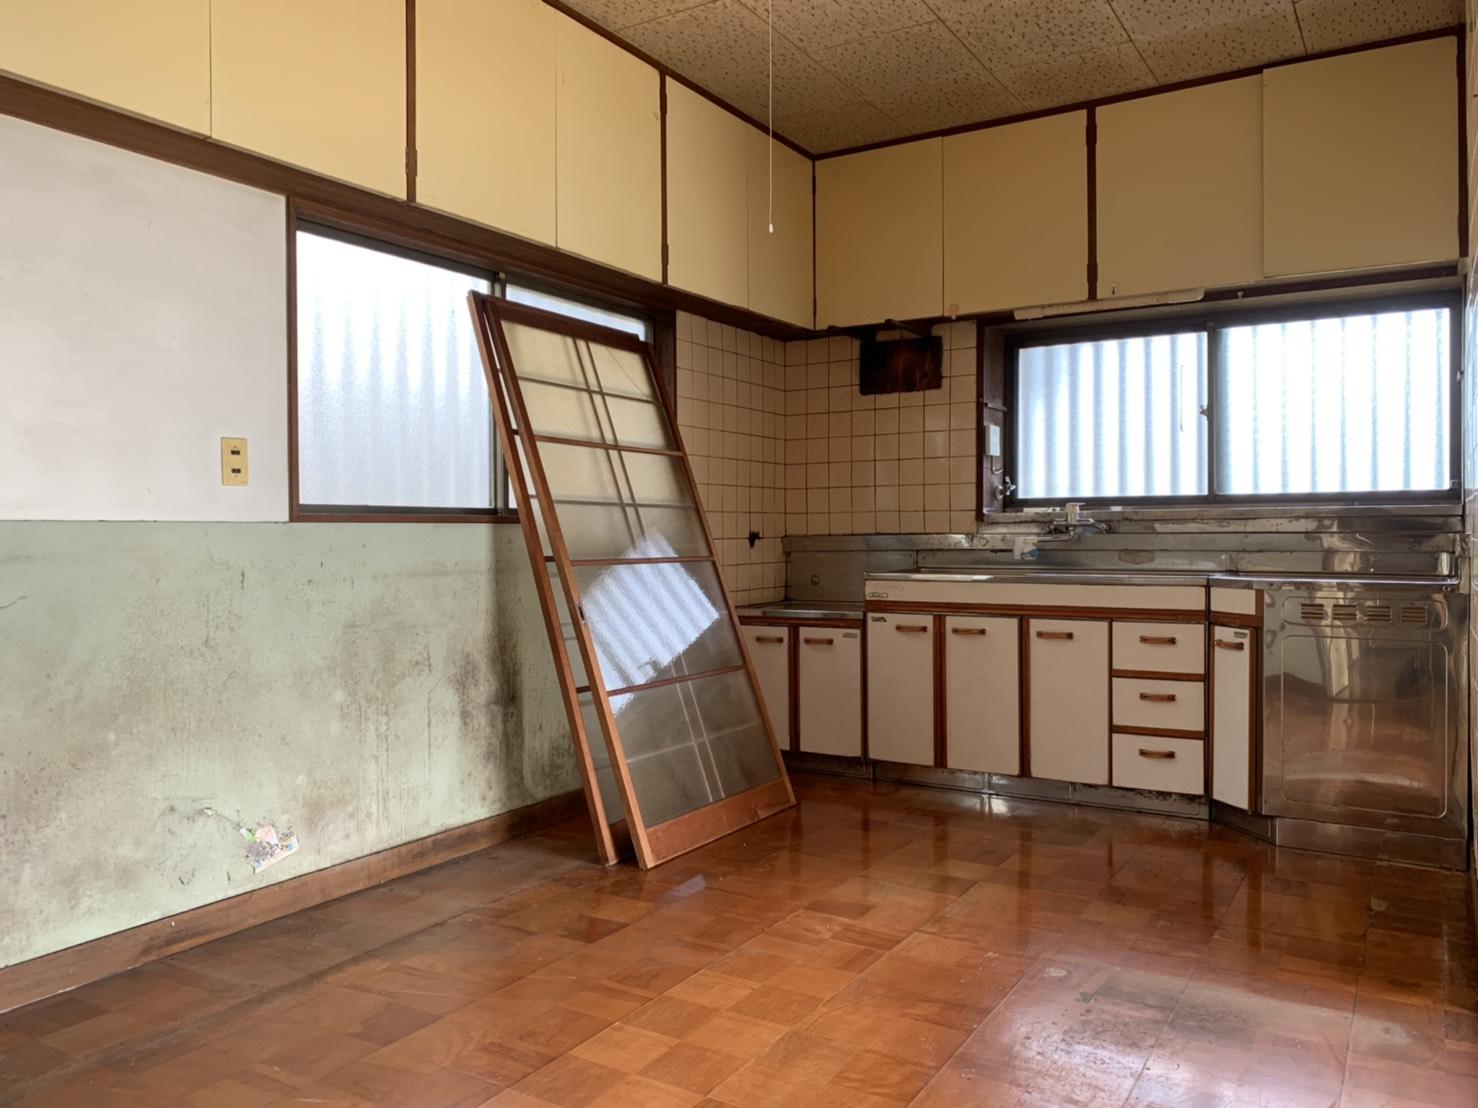 キッチン リフォーム前→ダイニングキッチンへリノベーション